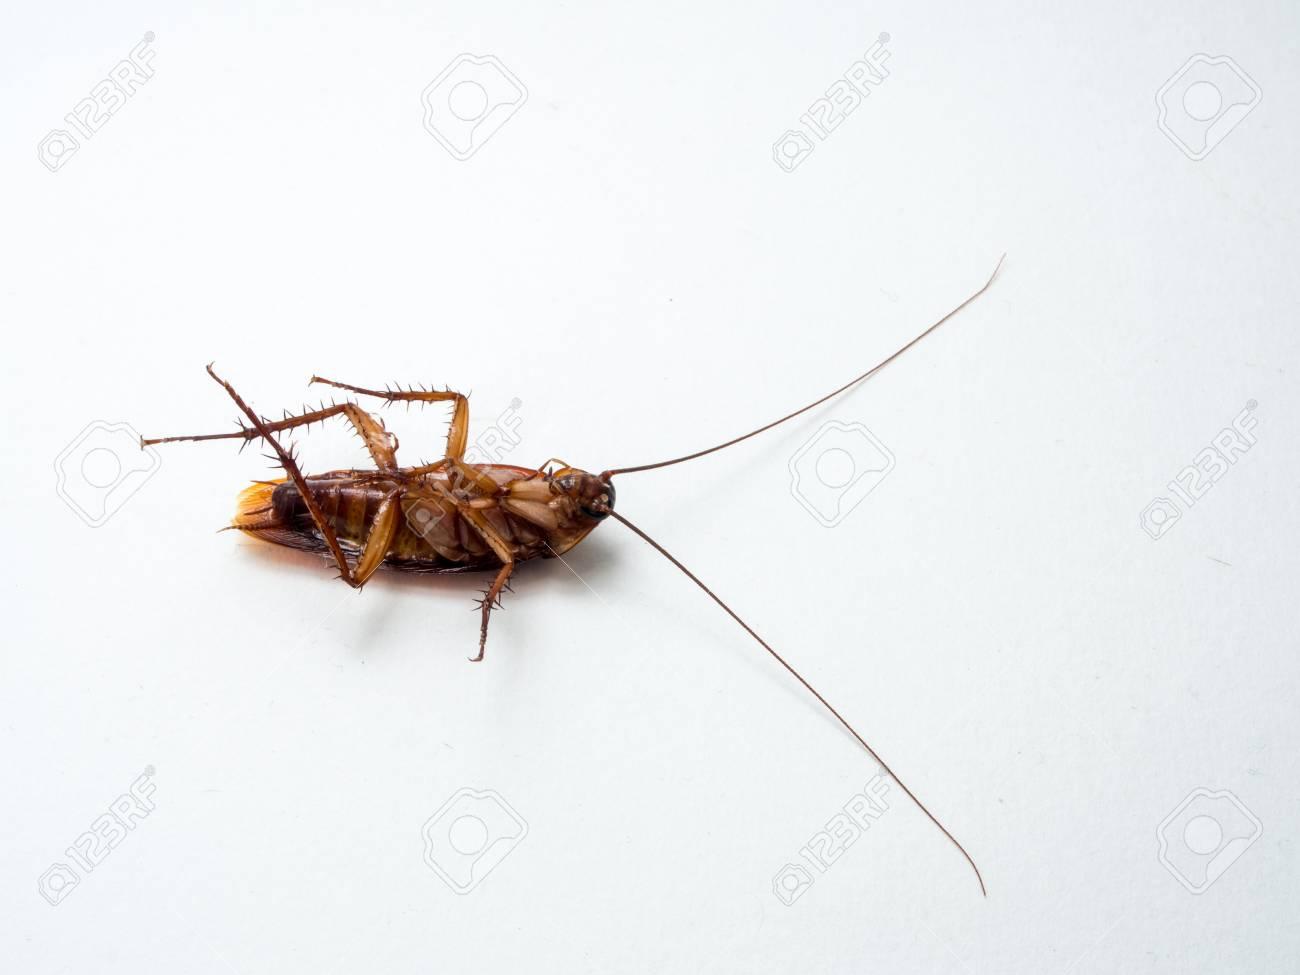 Blatte De Cuisine Photo les blattes sont porteurs de maladies que vous devez éliminer avant que  vous êtes infecté par un grand nombre de blattes. cuisine cockroaches  invasion